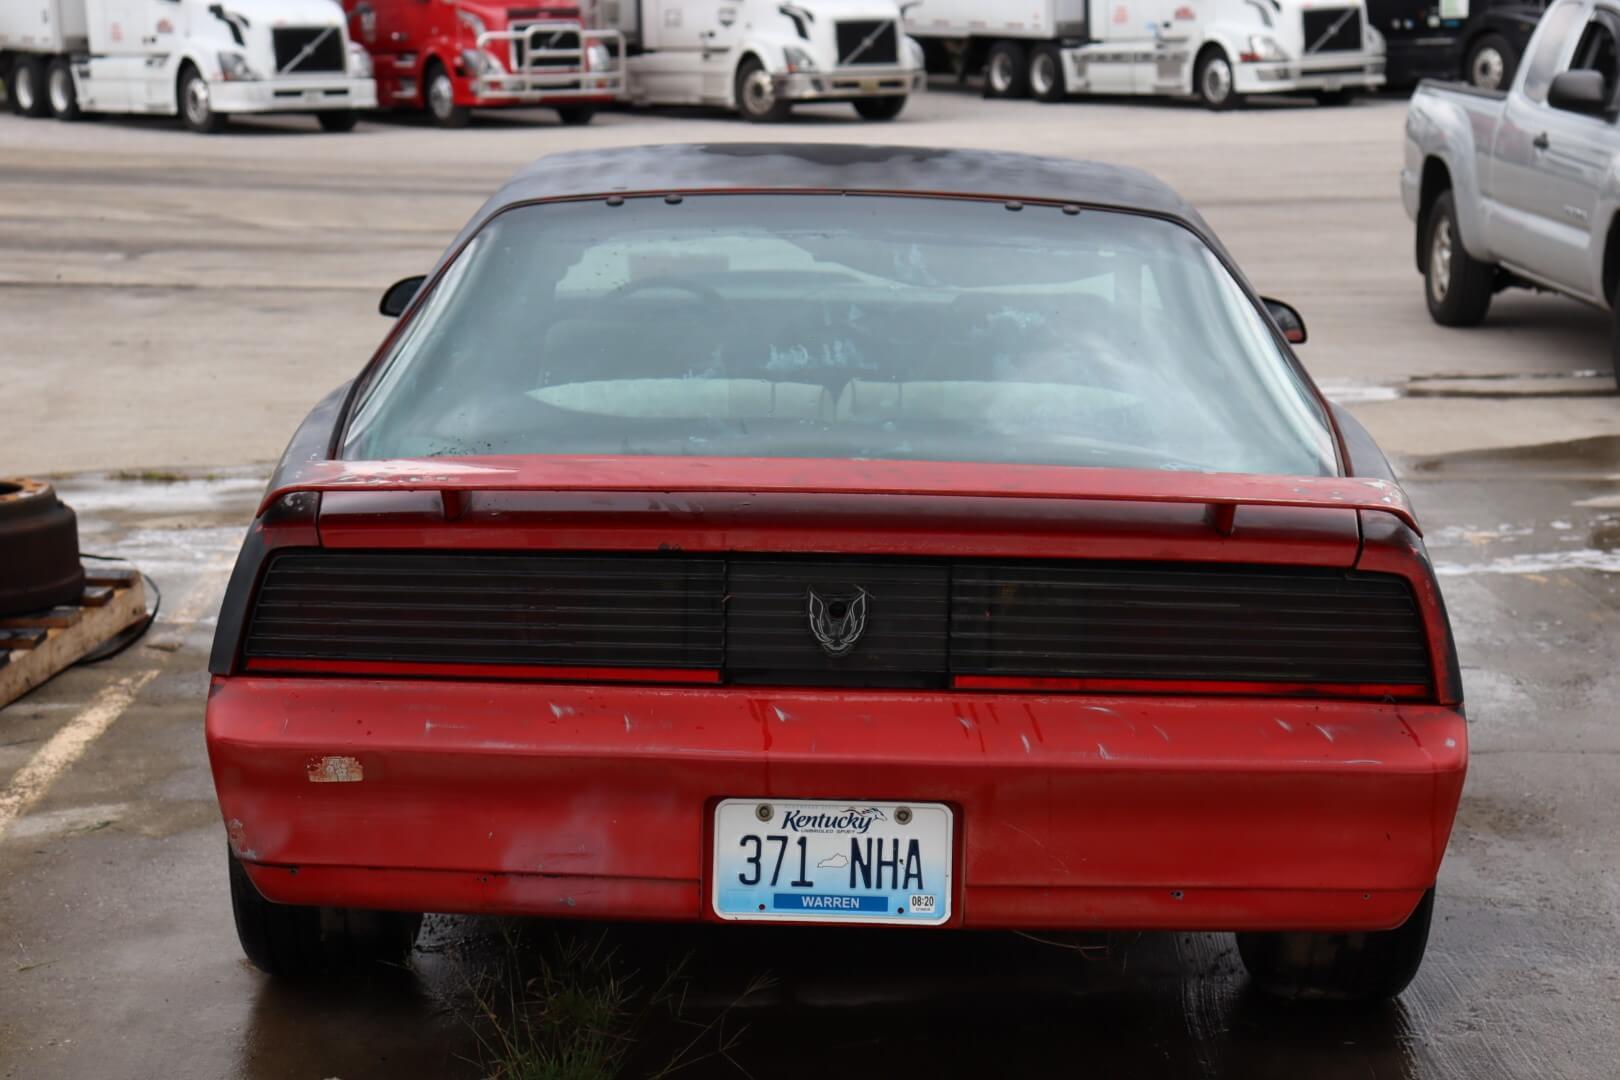 ron s 1984 pontiac firebird holley my garage ron s 1984 pontiac firebird holley my